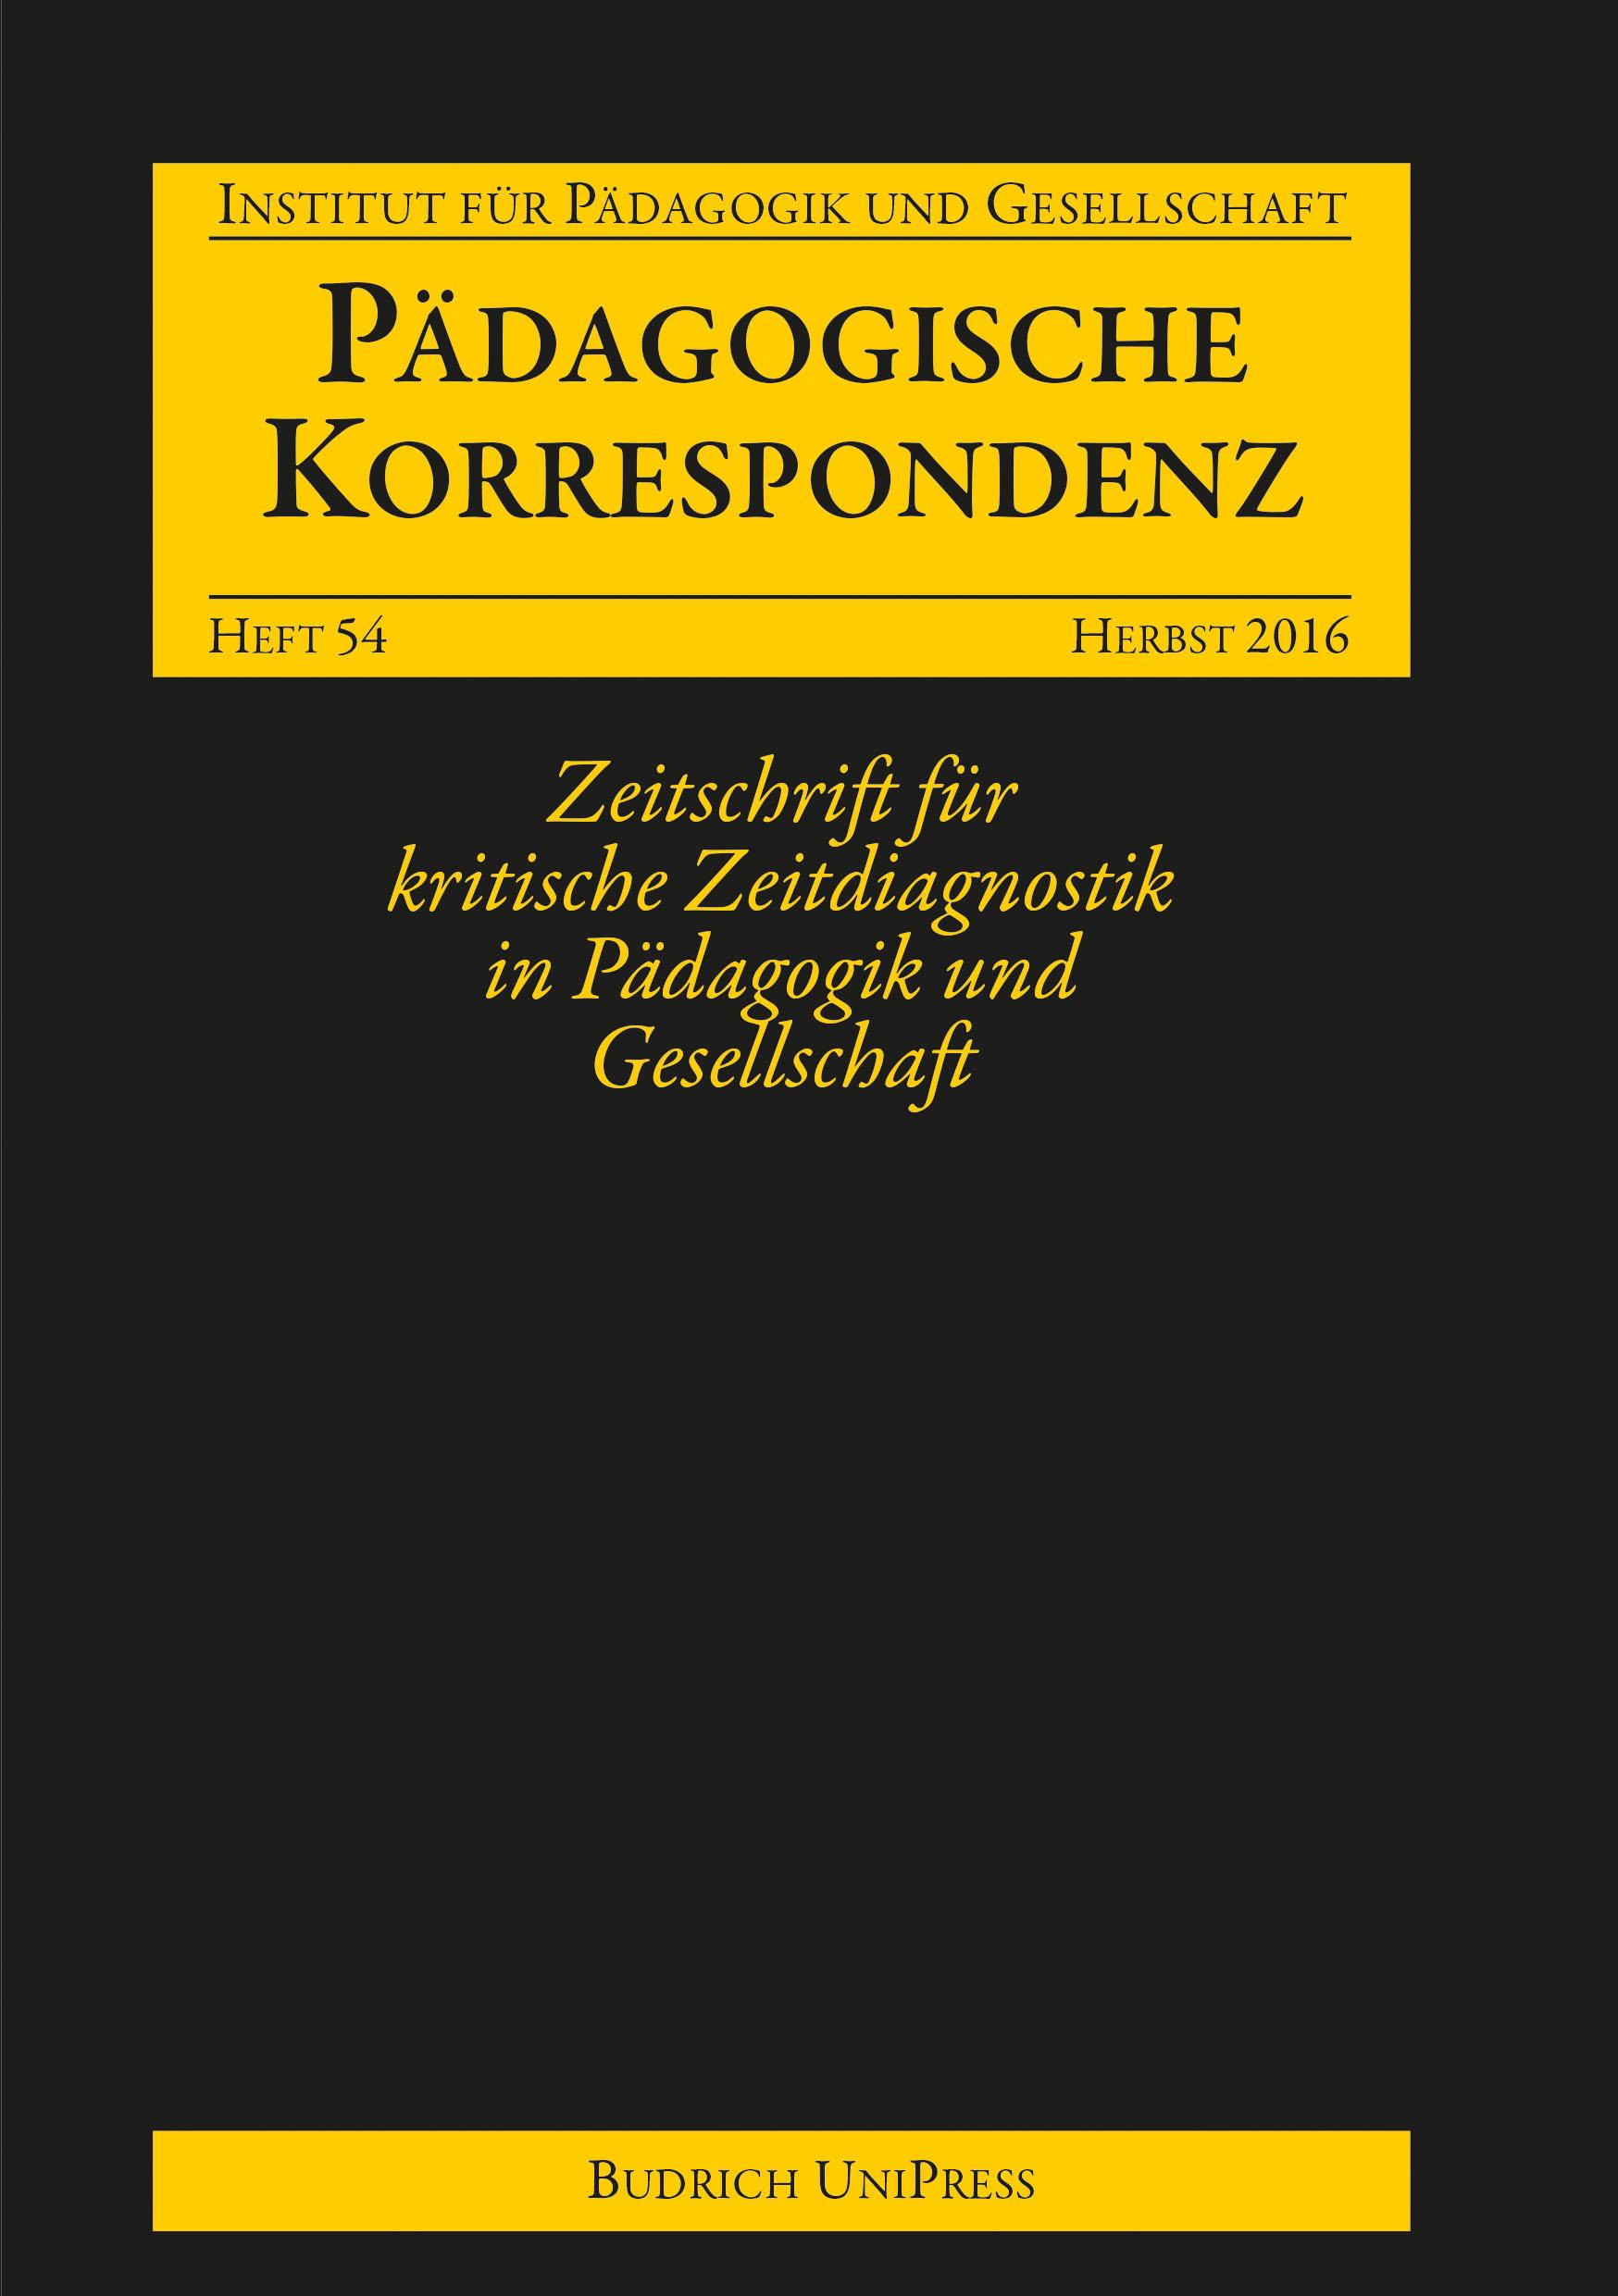 Pädagogische Korrespondenz 54 (2-2016): Freie Beiträge